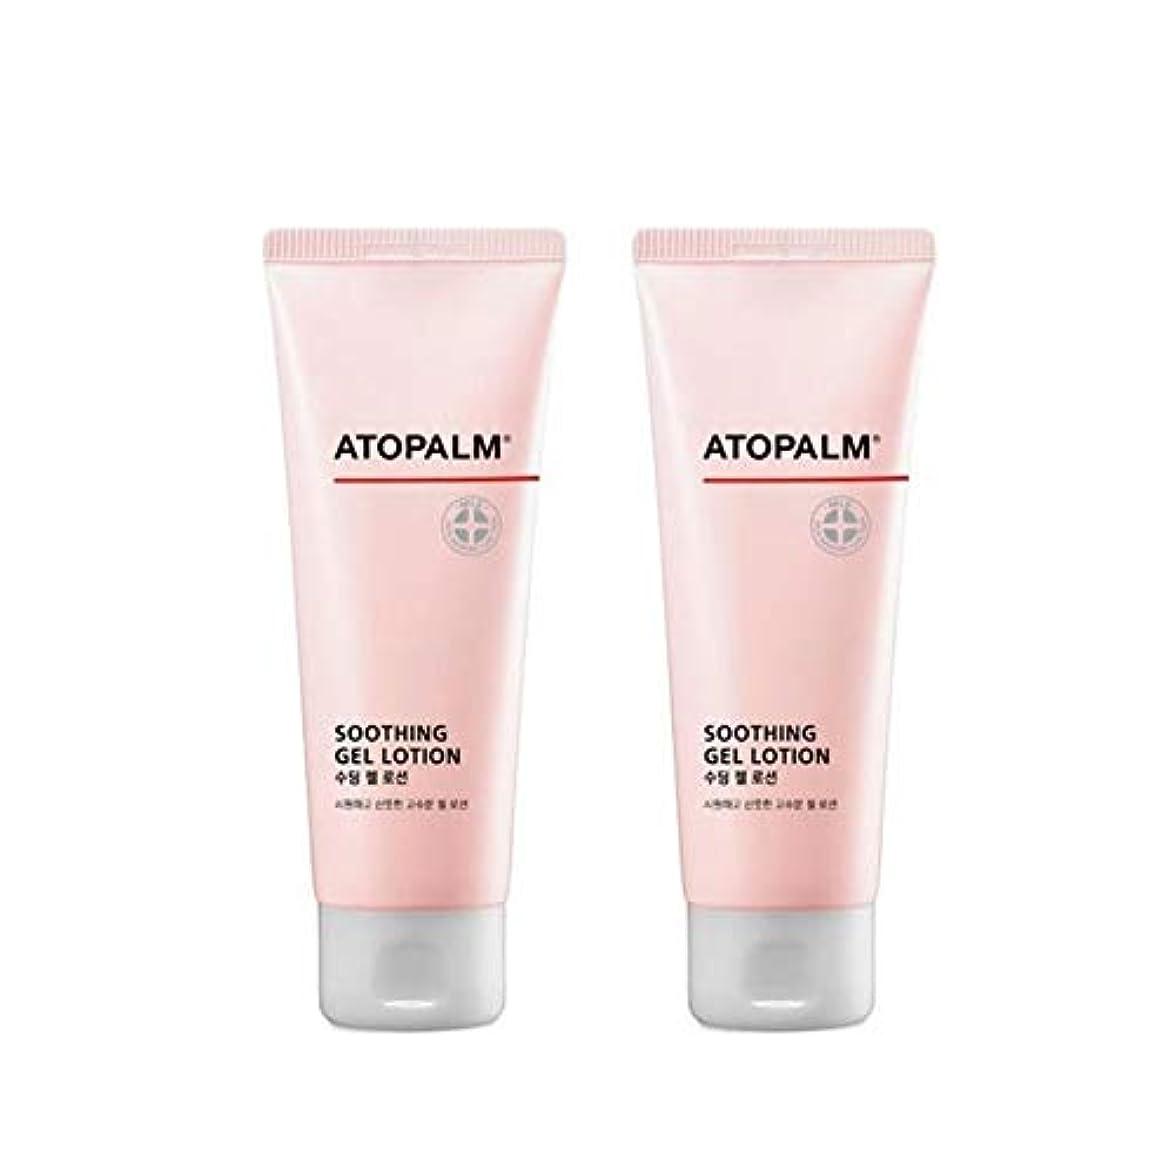 逃れるどれでも中でアトパムスディンジェルローション120mlx2本セットベビーローション韓国コスメ、Atopalm Soothing Gel Lotion 120ml x 2ea Set Baby Lotion Korean Cosmetics...